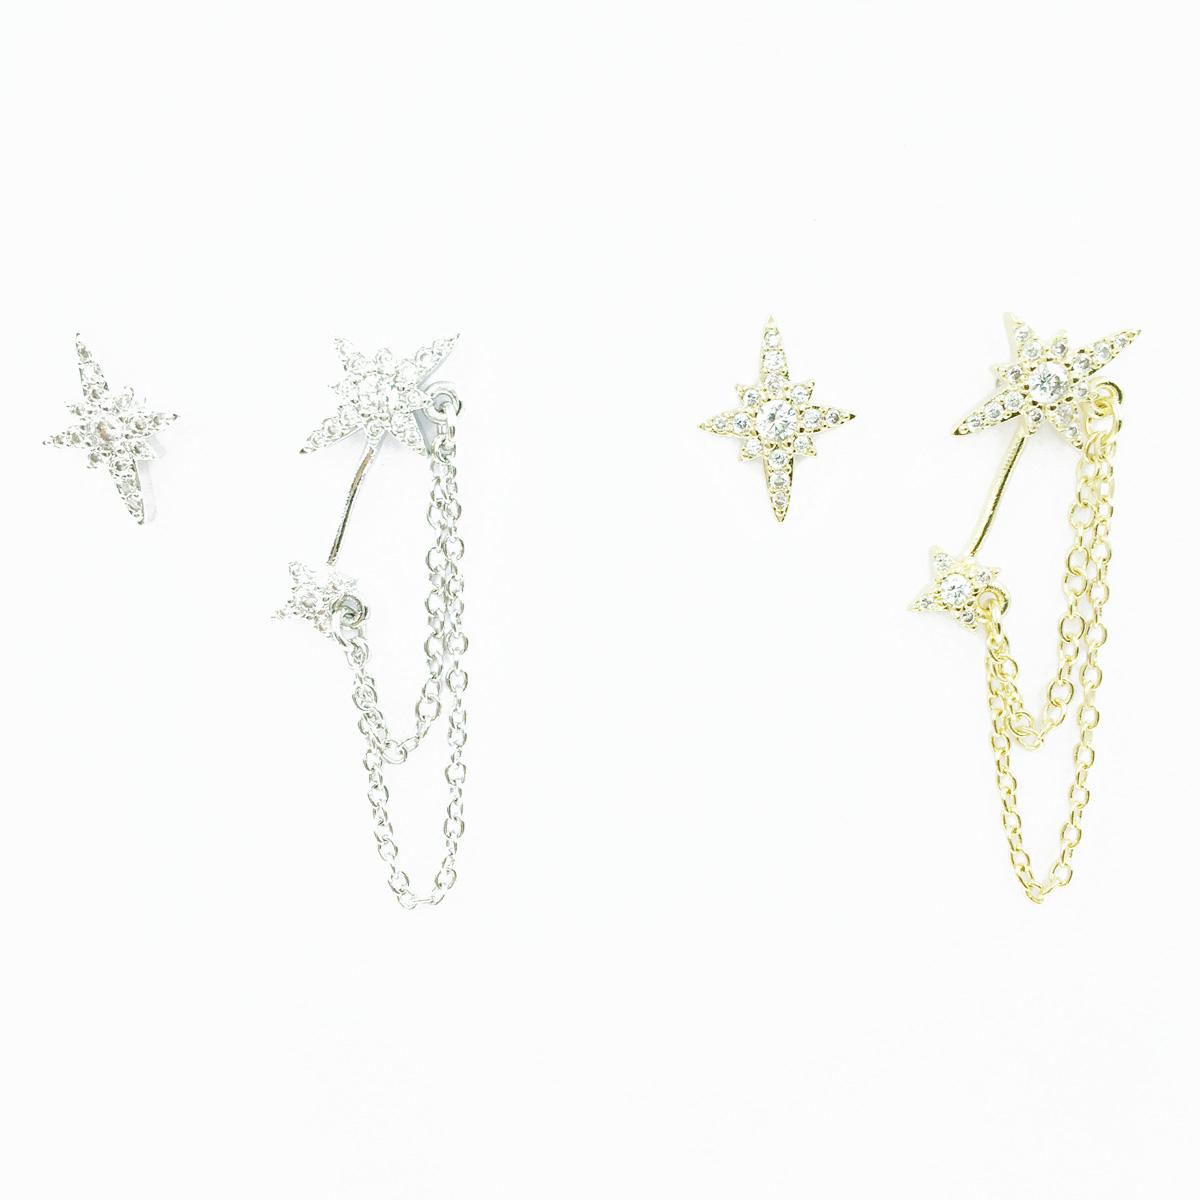 韓國 925純銀 星芒 水鑽 不對稱 垂墜金屬鍊 2色 耳針式耳環